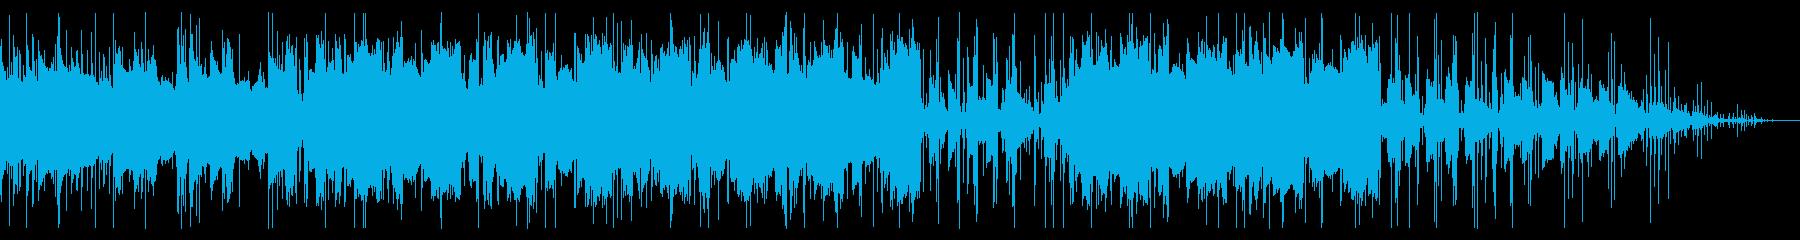 幻想的で穏やかなチル・ヒップホップの再生済みの波形